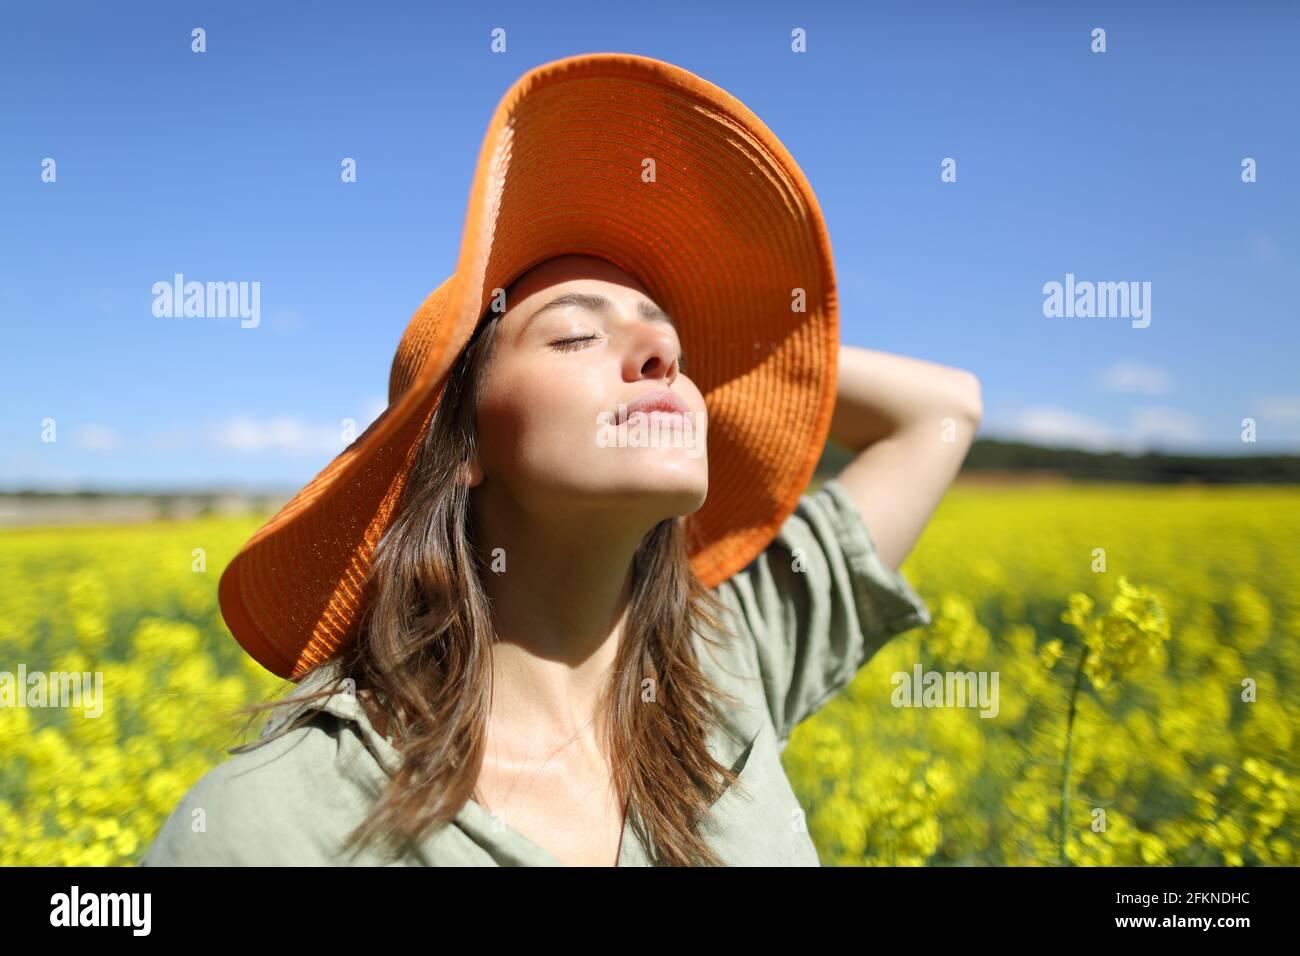 Femme satisfaite avec orange pamela respirer de l'air frais dans un champ à fleurs jaunes Banque D'Images